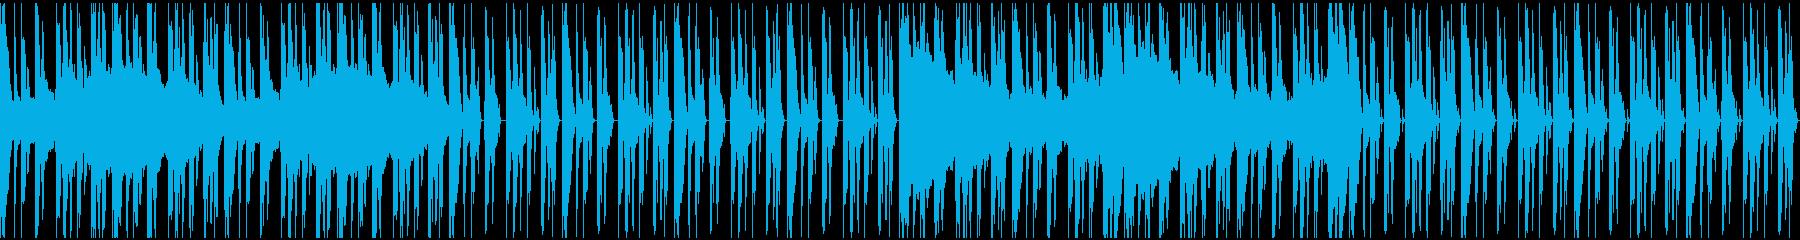 【エレクトロニカ】テクノ、ロング3の再生済みの波形